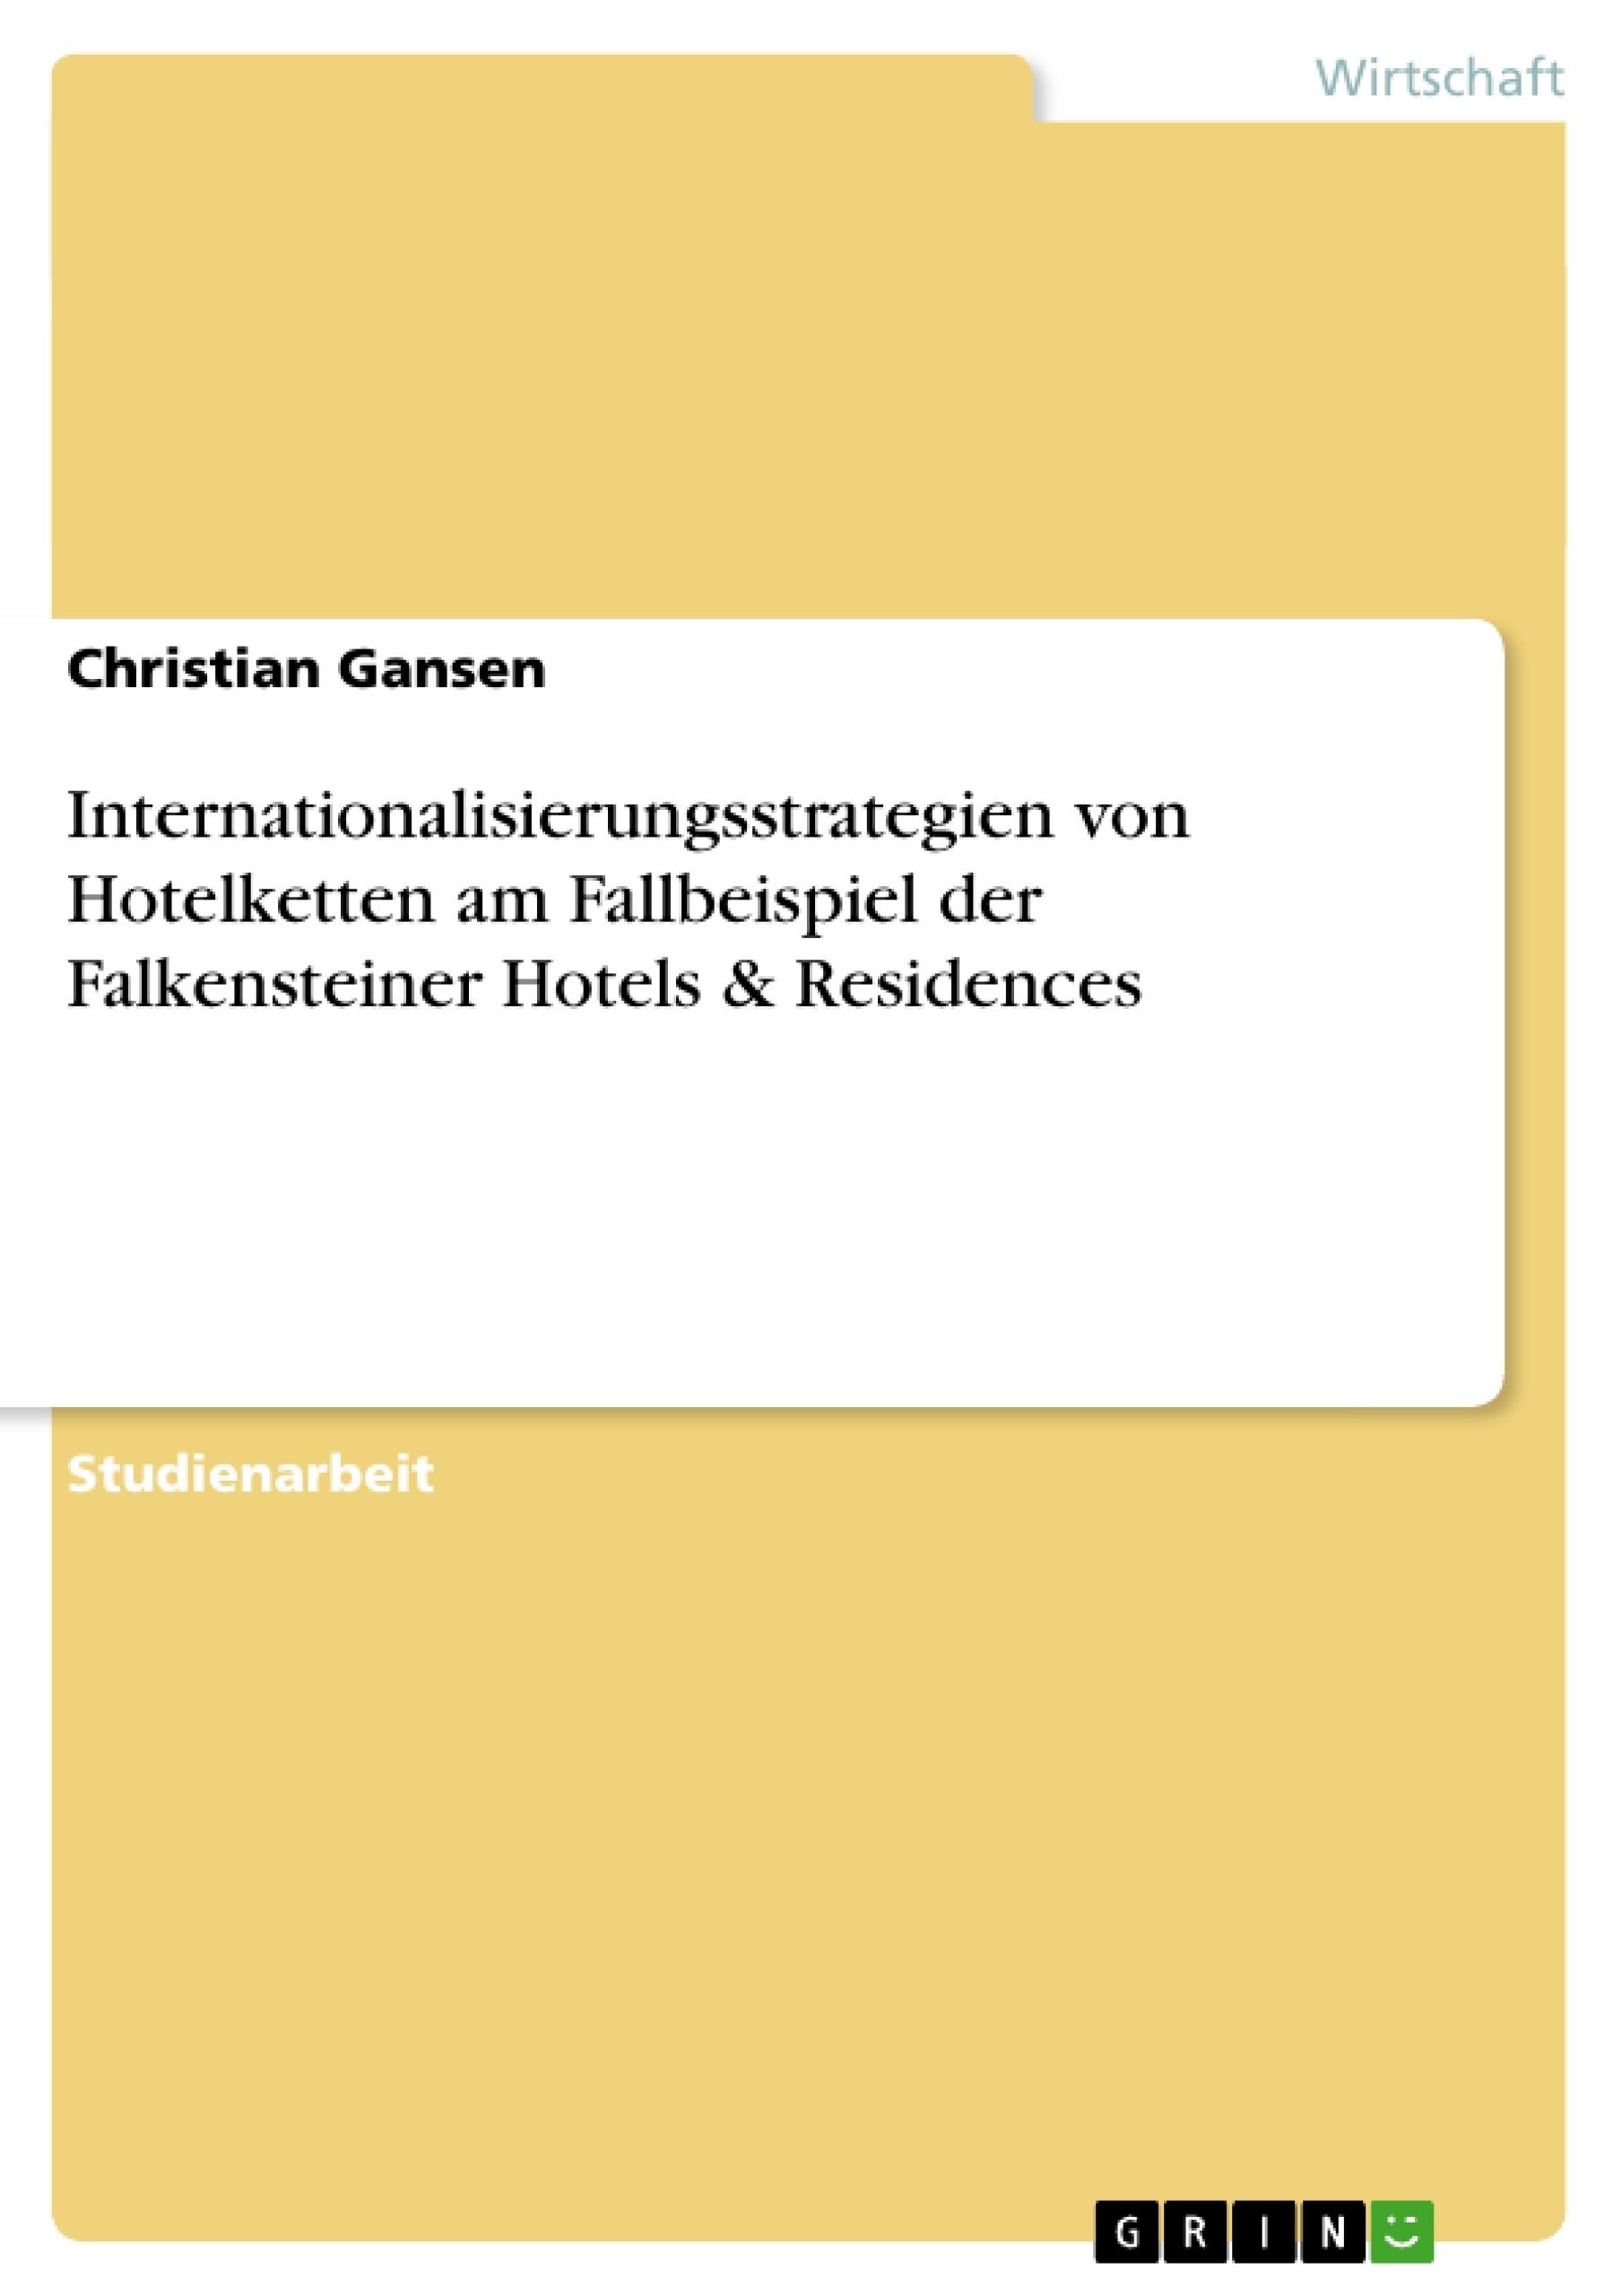 Titel: Internationalisierungsstrategien von Hotelketten am Fallbeispiel der Falkensteiner Hotels & Residences